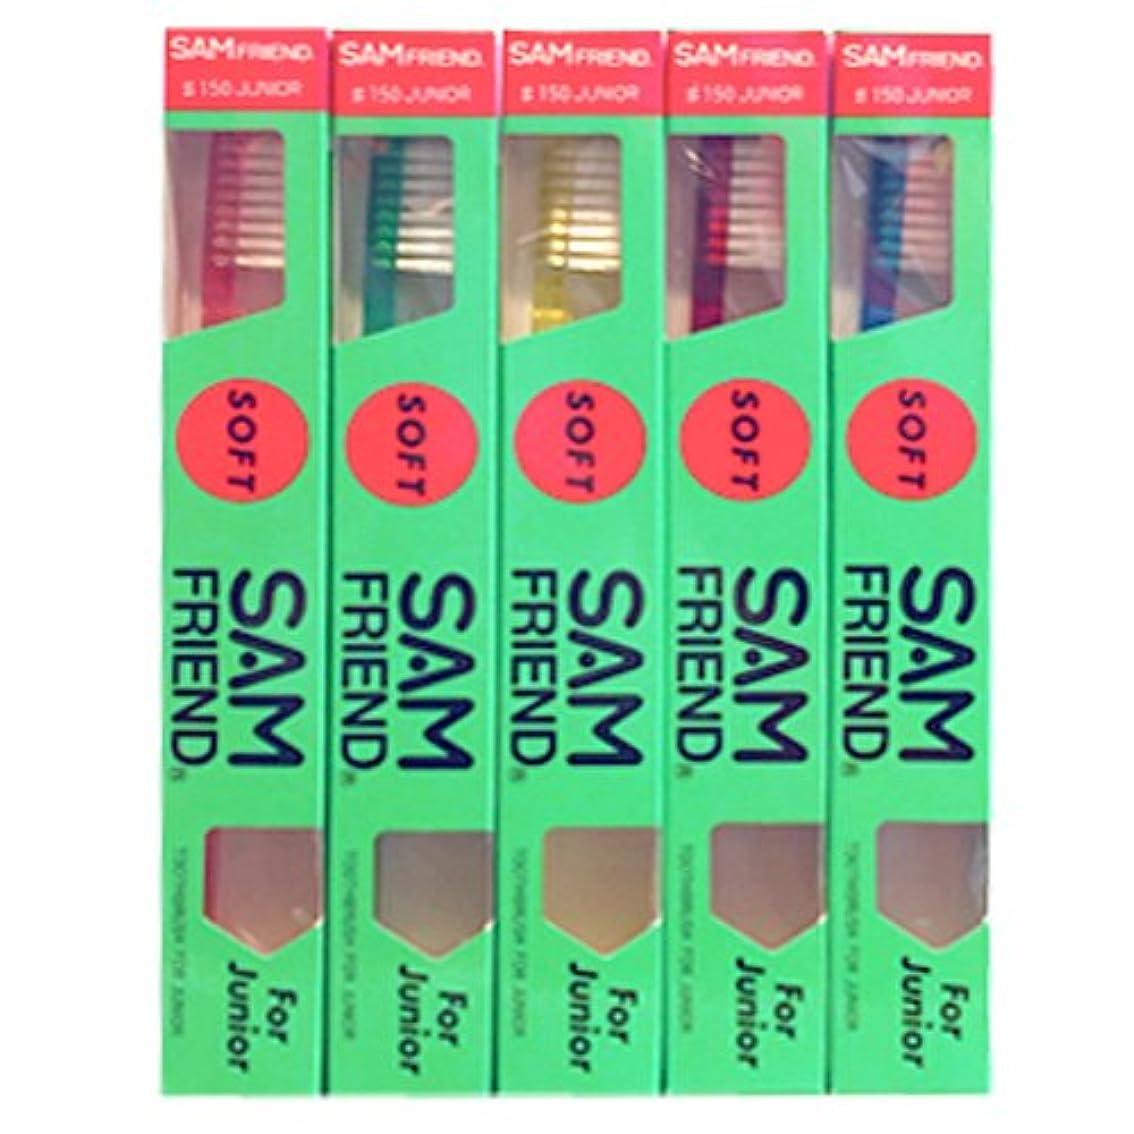 満了コートエラーサムフレンド サムフレンド 歯ブラシ #150ジュニア 5色セット 6~12才用 歯並びが複雑で汚れやすい小さな口 ソフト